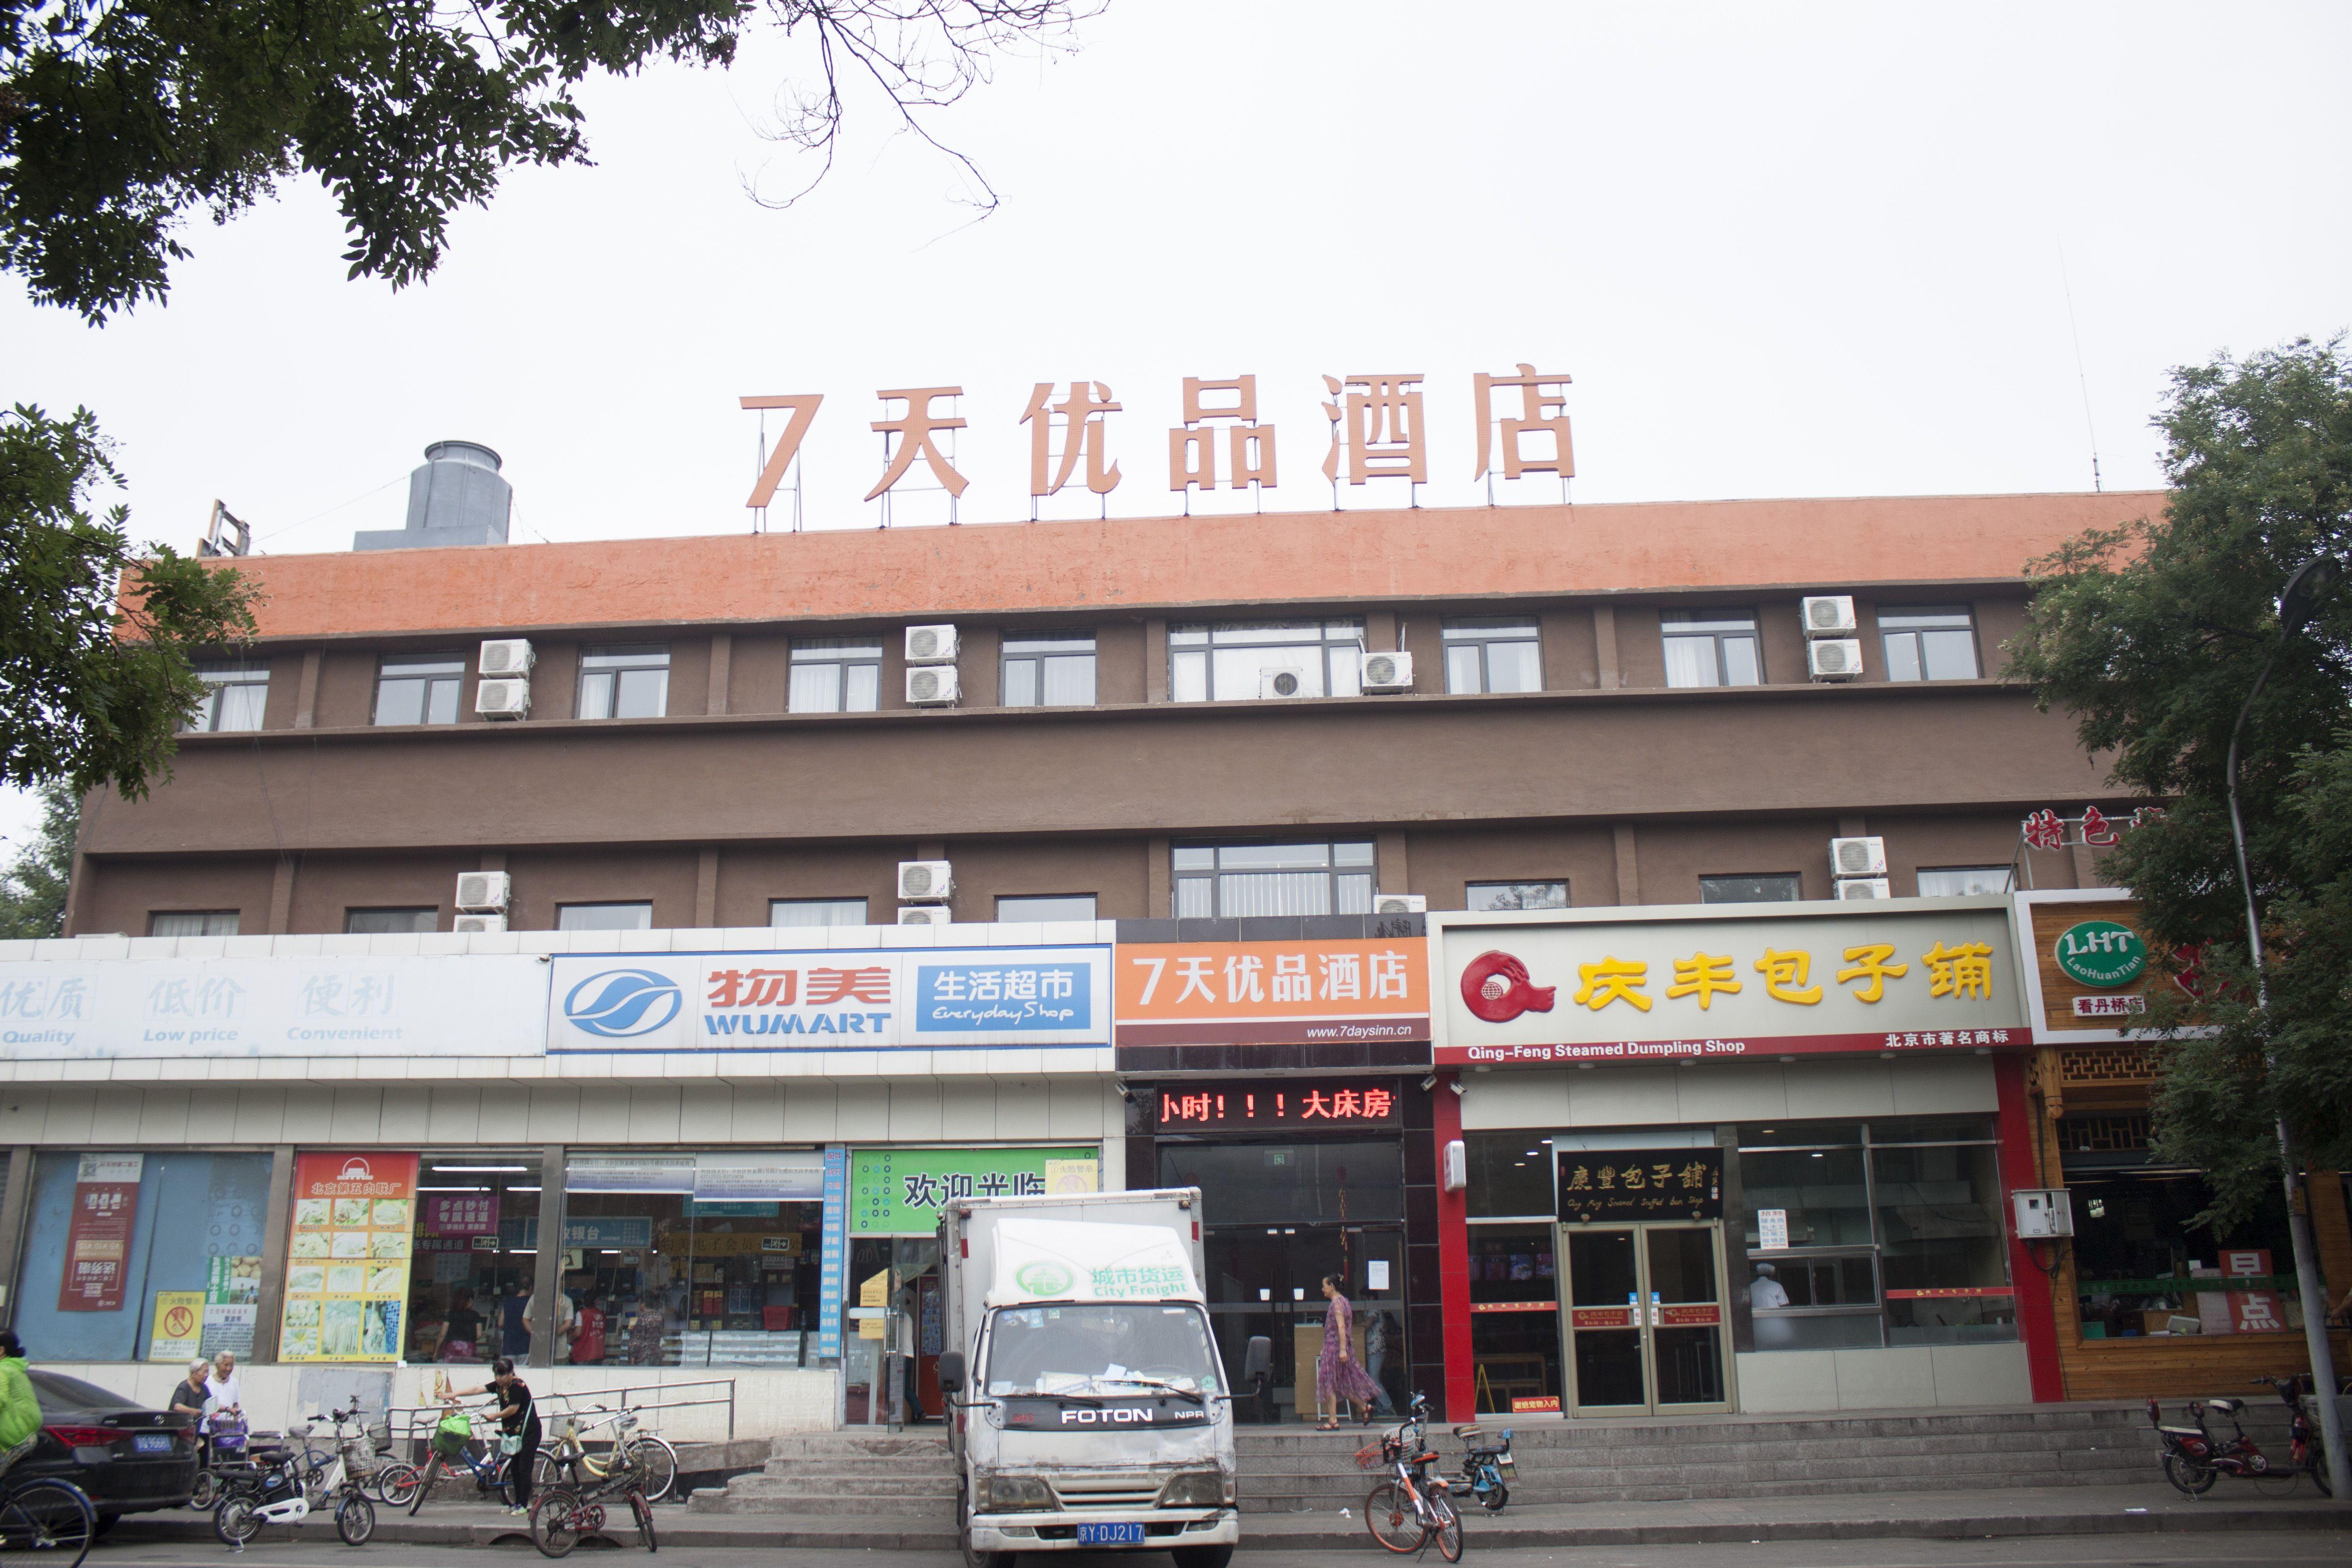 7天优品(丰台南路地铁站物美大卖场店)预订/团购